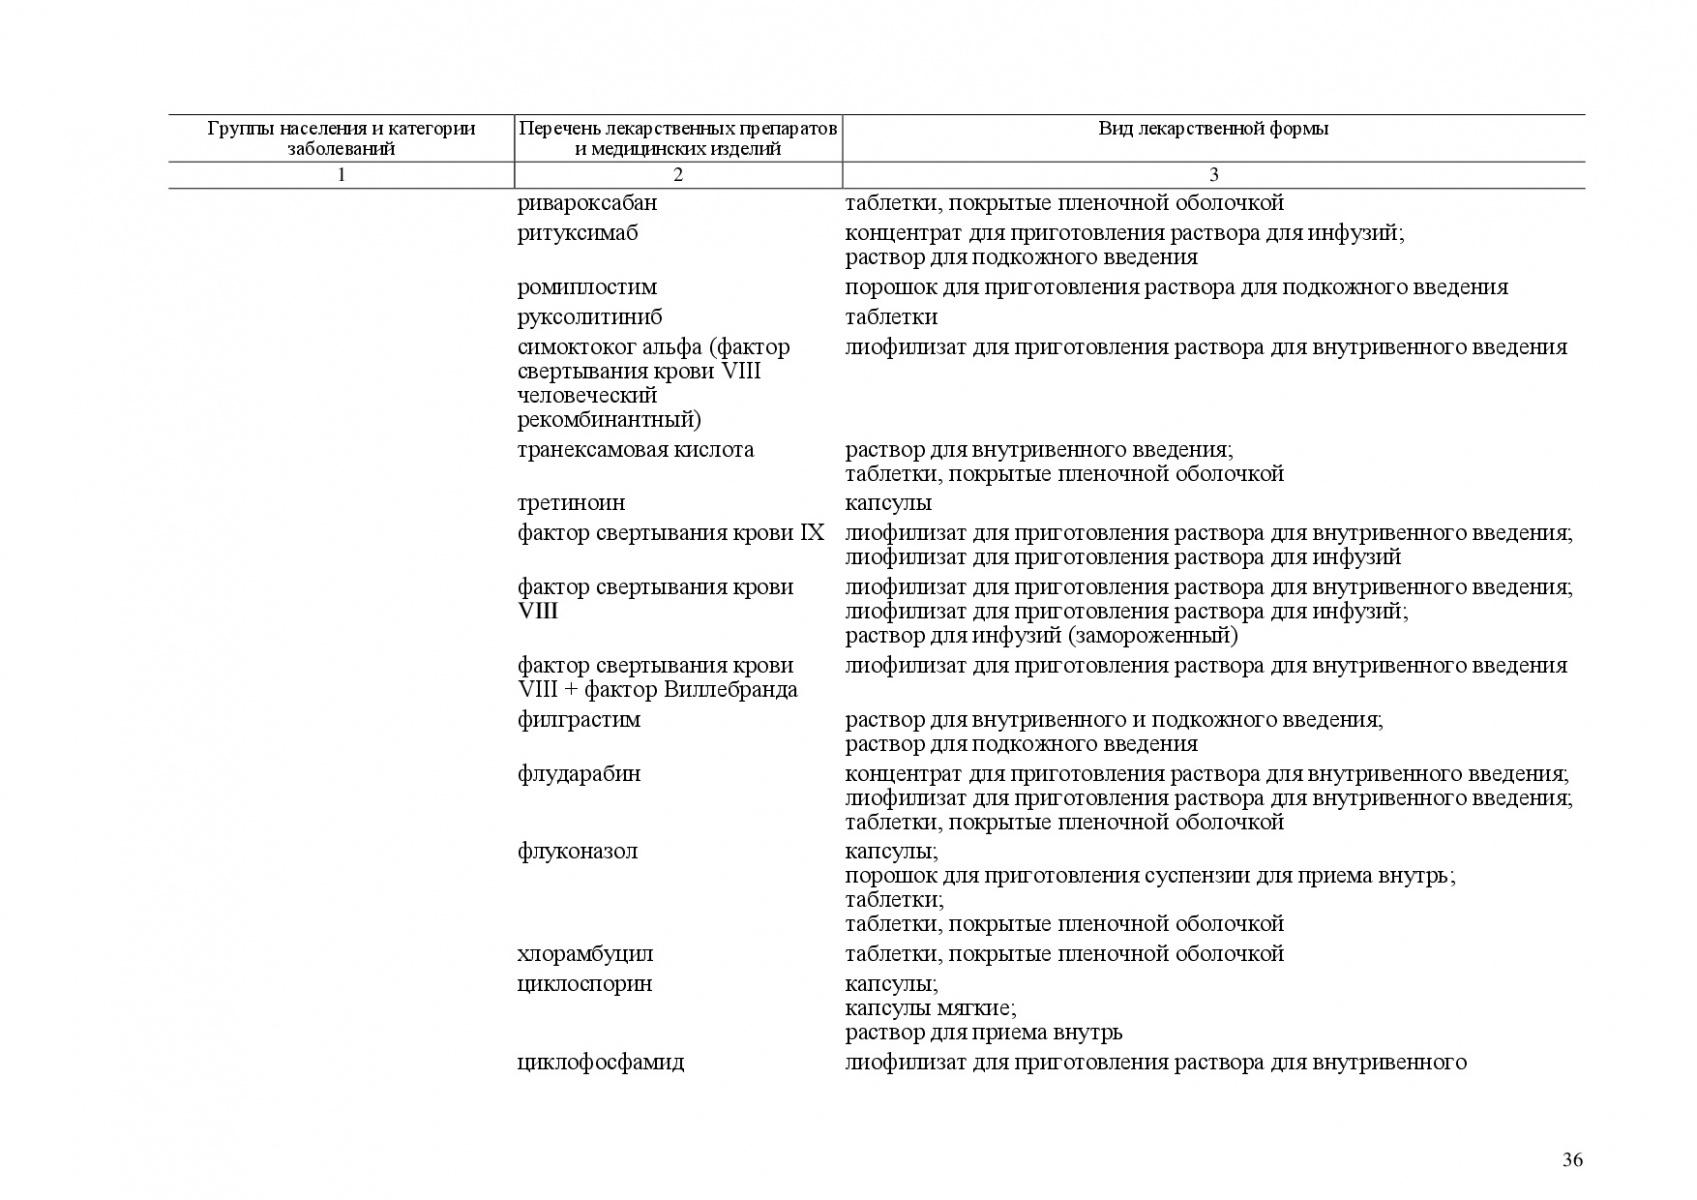 Prilozhenie-6-127-OD-036